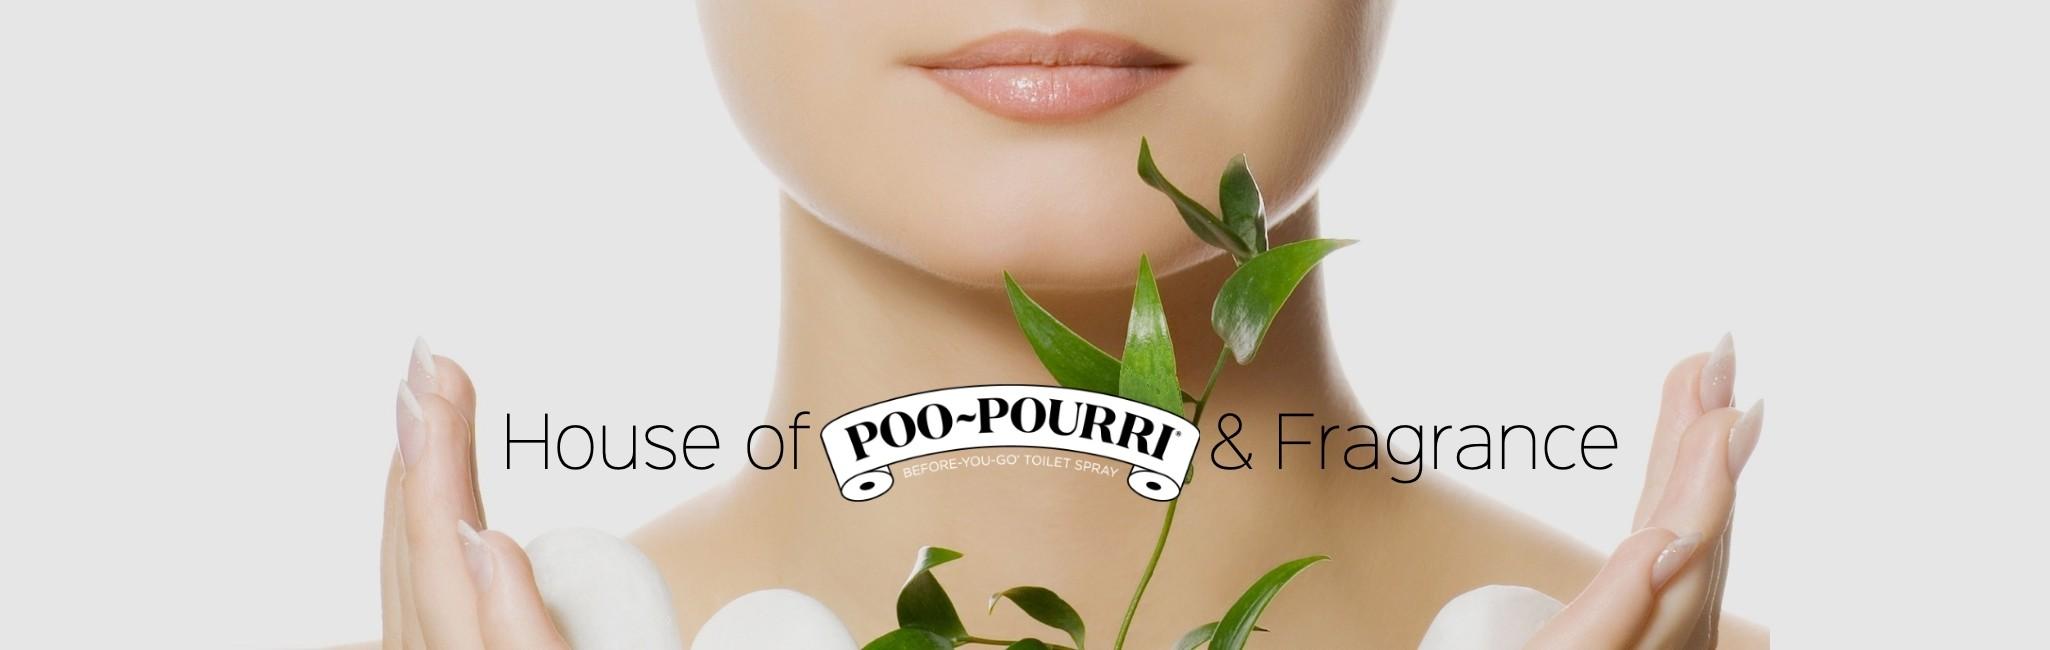 Poo-Pourri Toalett Spray